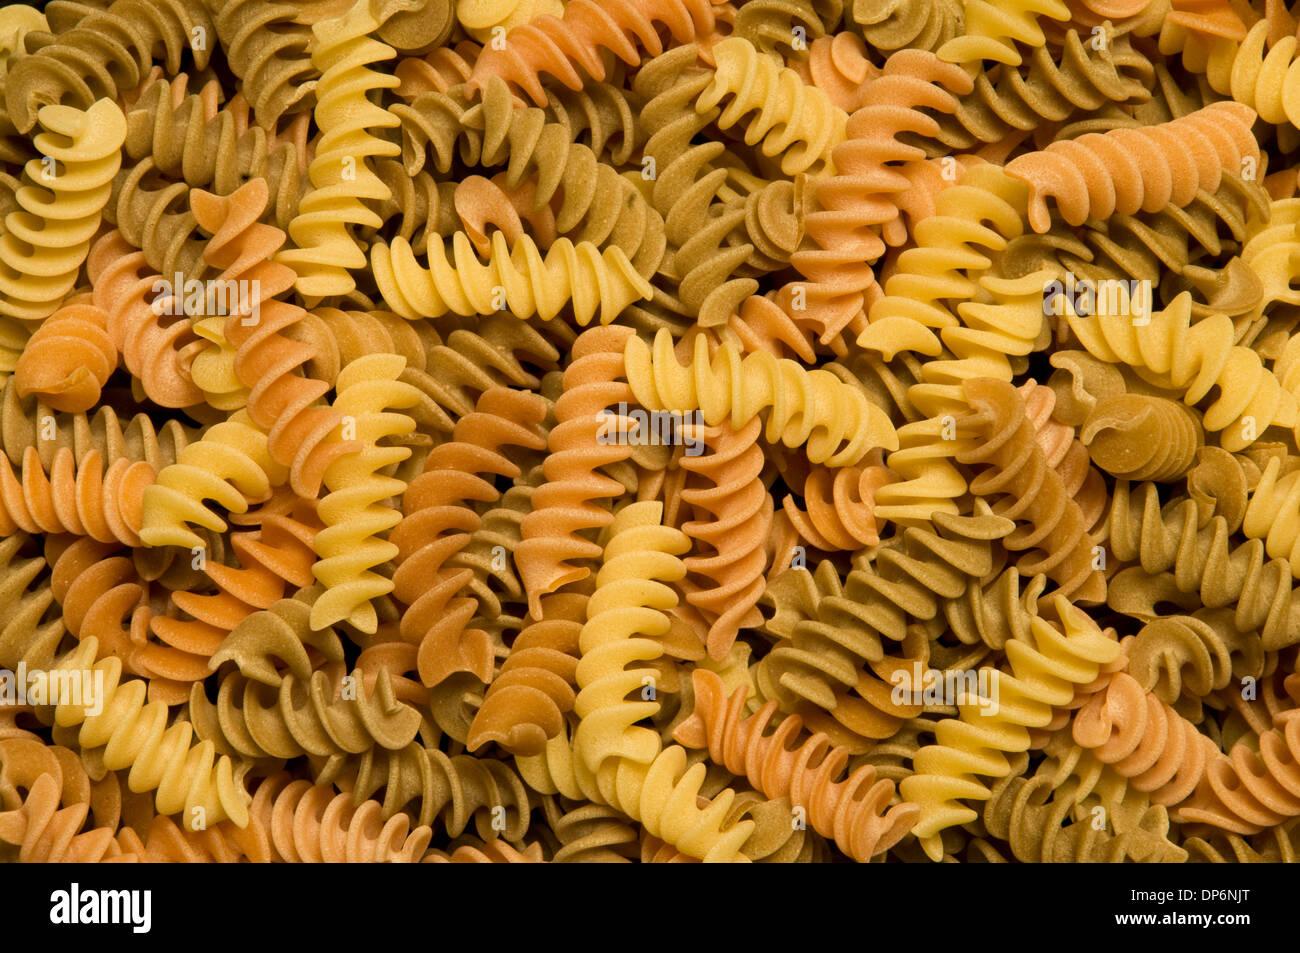 Uncooked multi-colored fusilli, corkscrew-shaped pasta - Stock Image